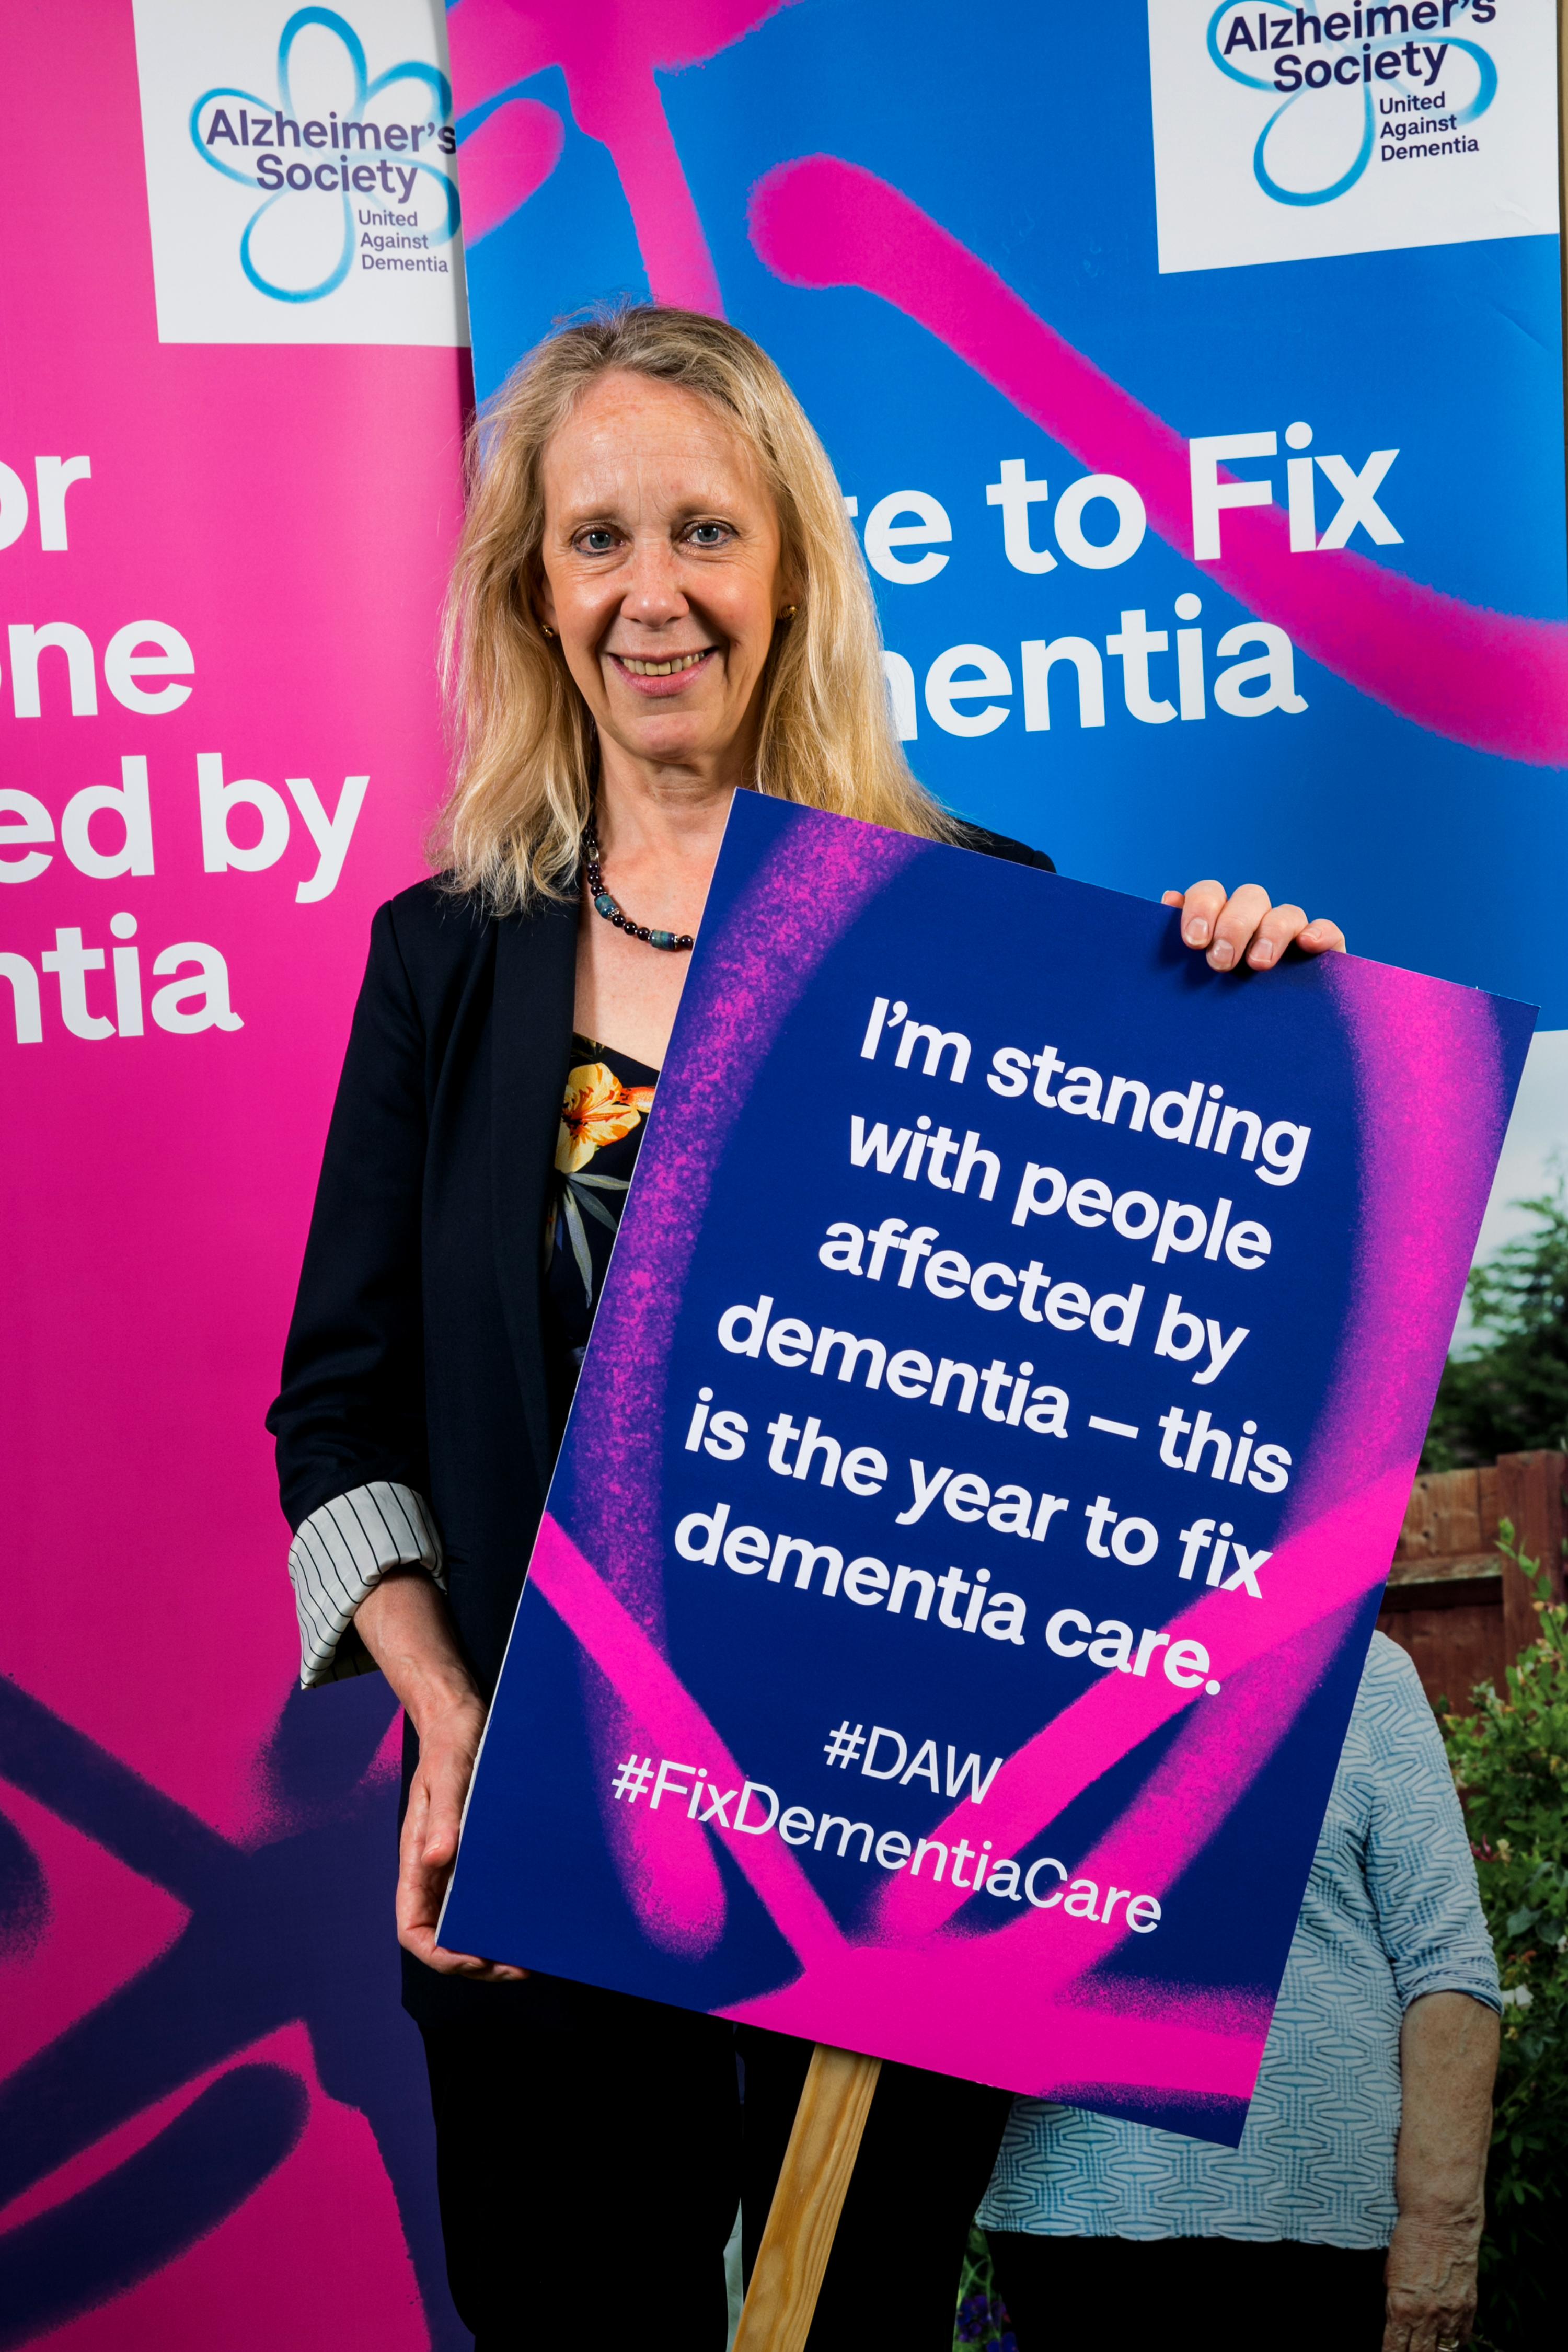 Liz_McInnes_MP_Alzheimer's_Society_event.jpg